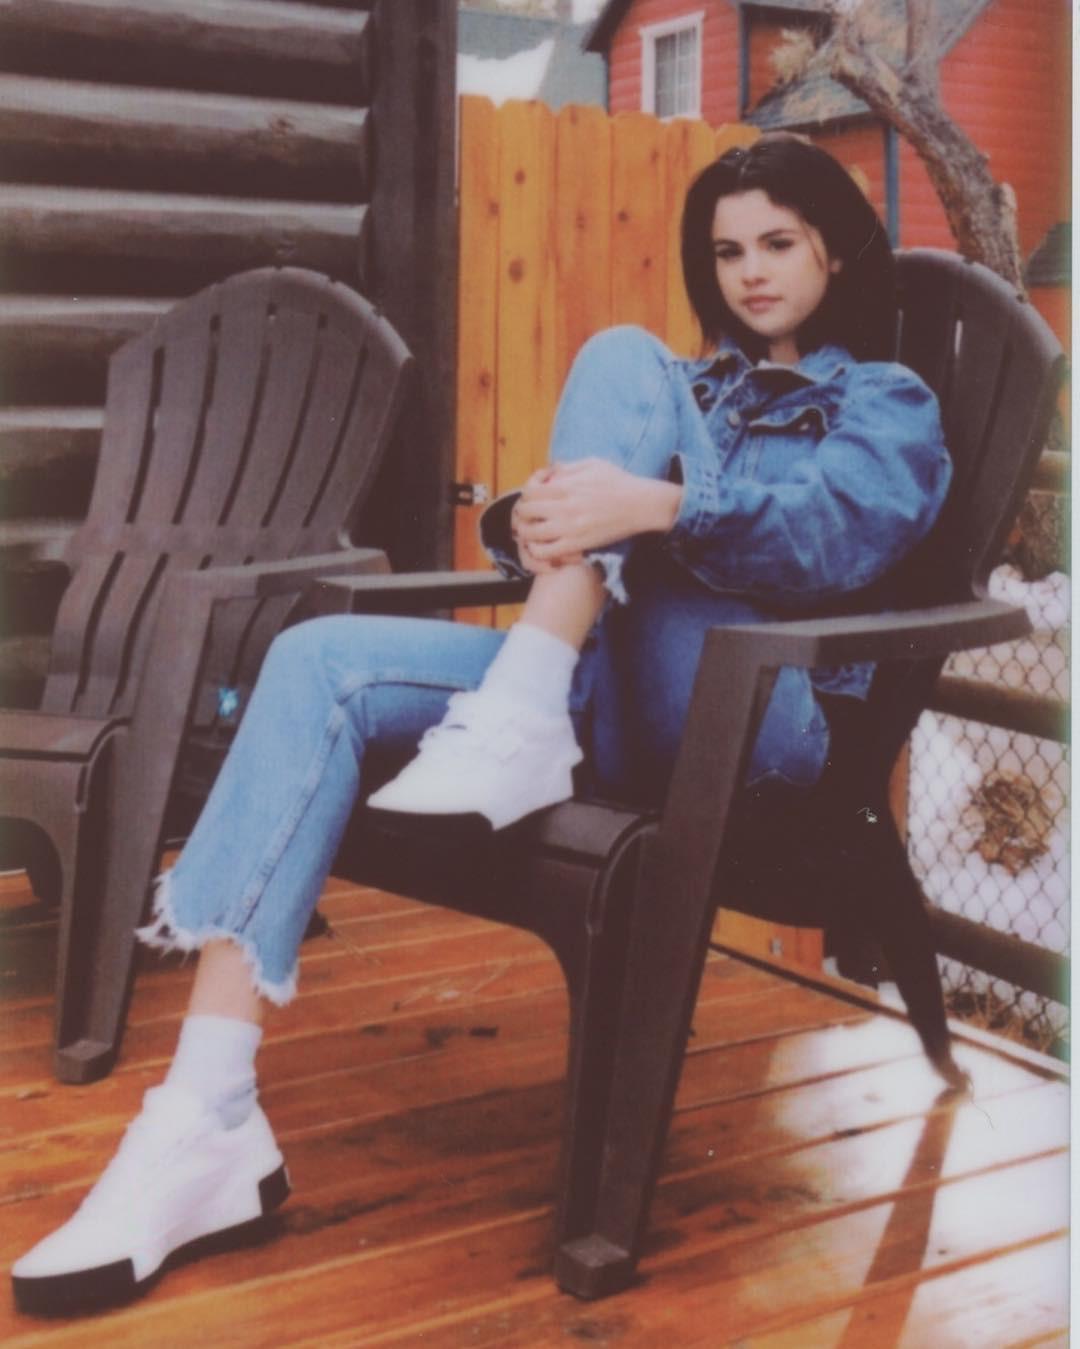 Đi điều trị tâm thần, Selena Gomez bất ngờ tìm được người yêu mới đẹp trai hơn cả Justin Bieber? - Ảnh 4.